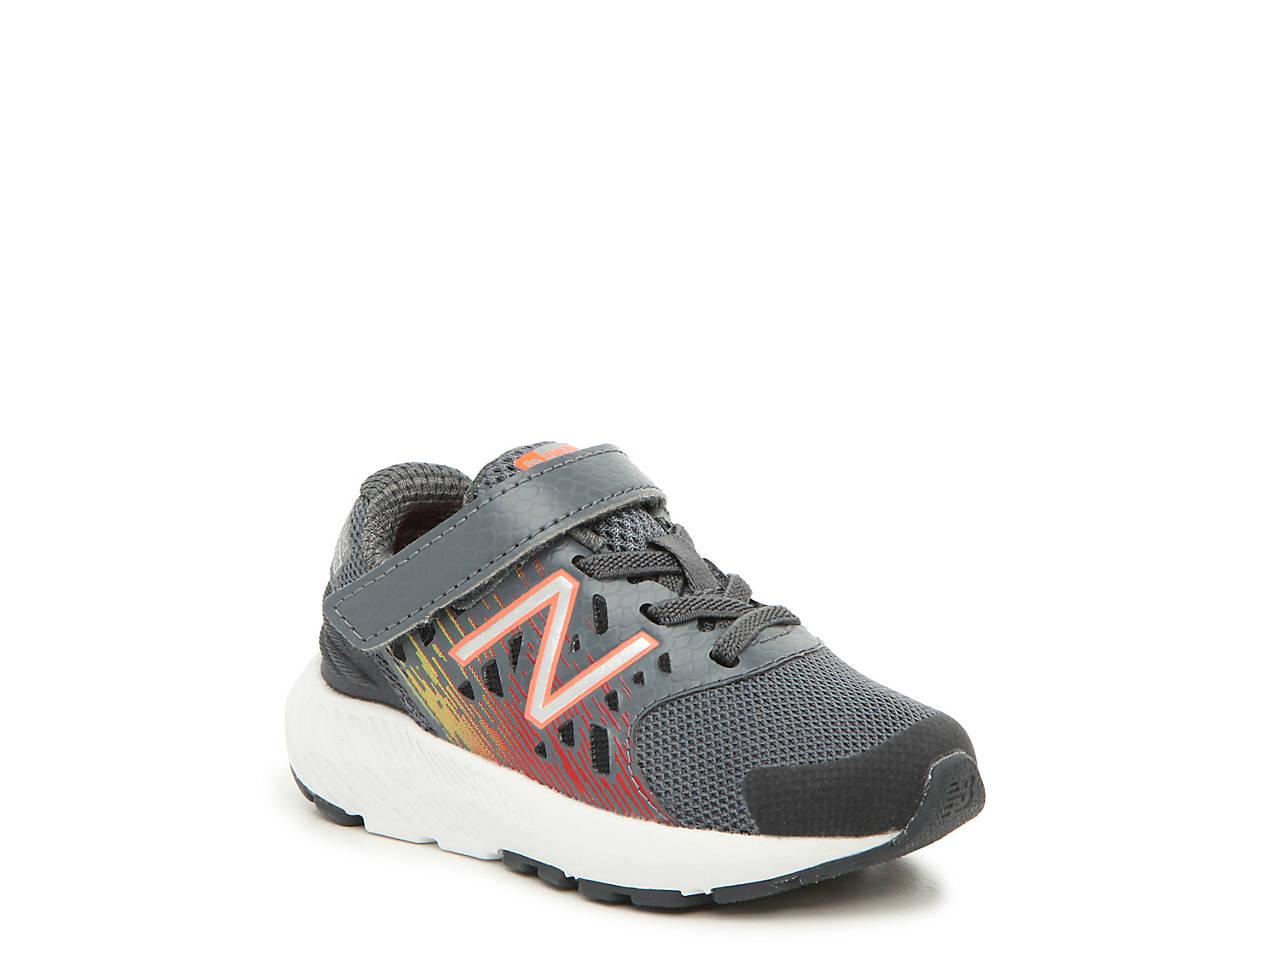 0d66c512d13ab New Balance FuelCore Urge Sneaker - Kids' Kids Shoes   DSW